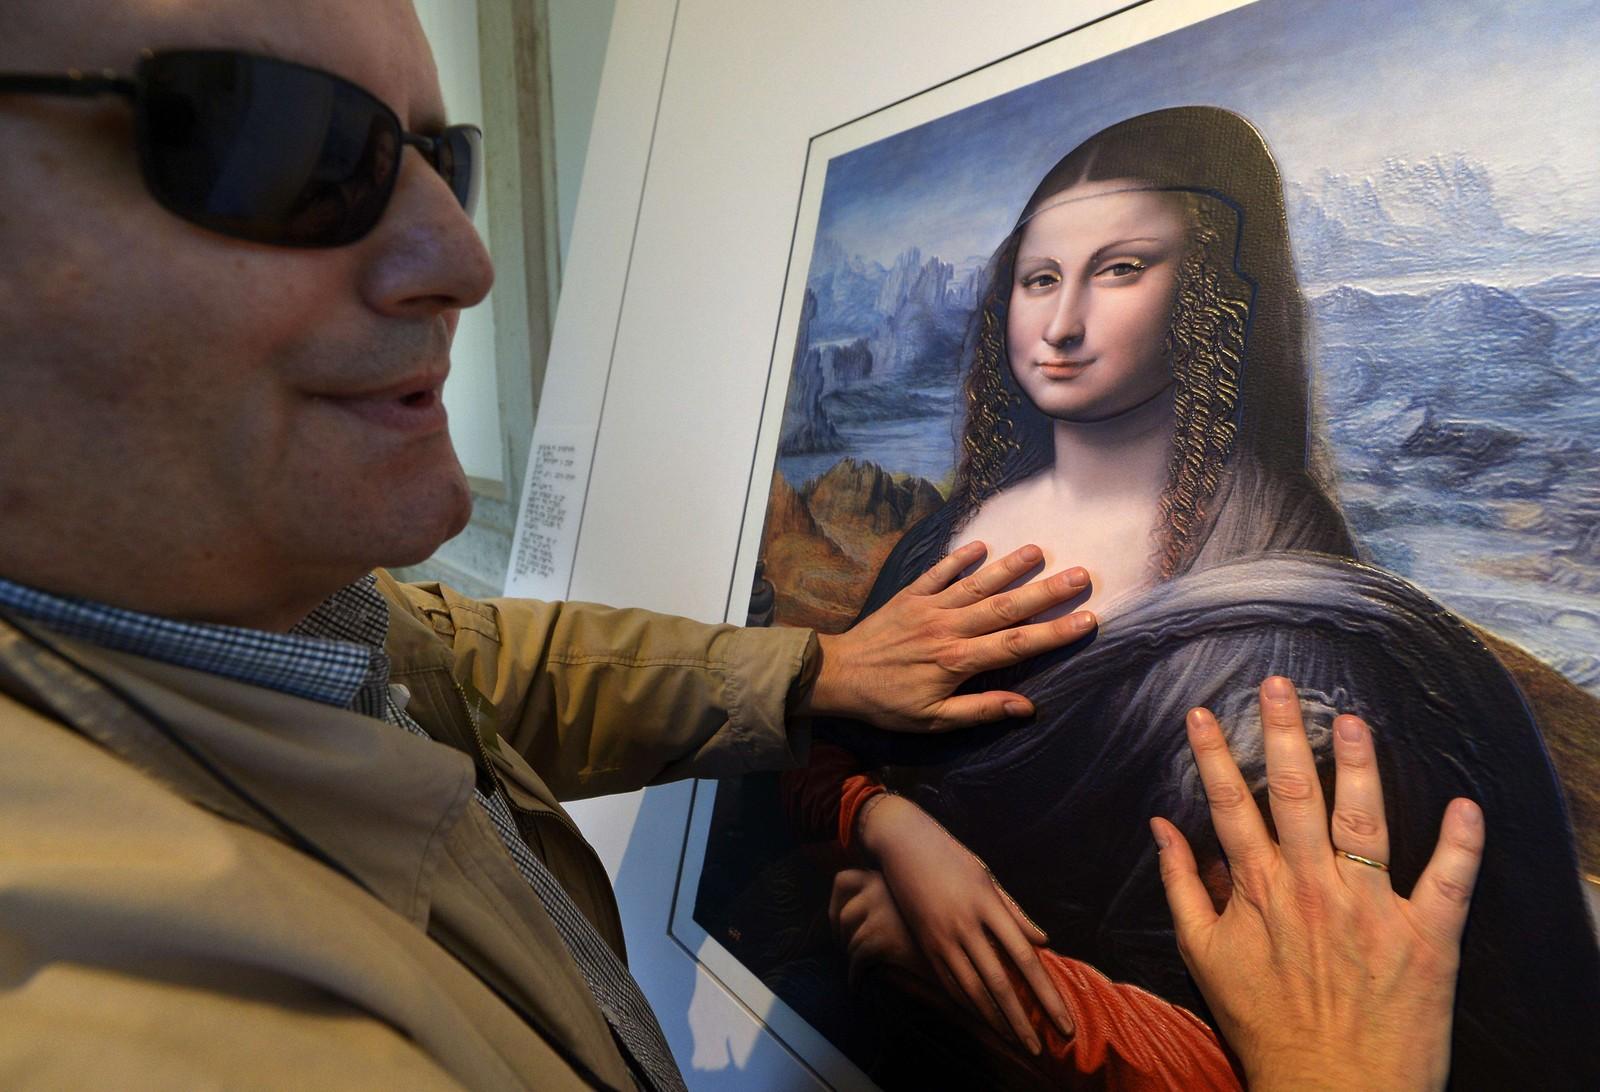 Blinde Jose Pedro Gonzalez tar på en replika av Da Vincis Mona Lisa. En ny teknikk hevder å tilby mer volum og dybde, og Prado-museet i Madrid tilbyr flere slike versjoner av berømte bilder til glede for svaksynte besøkende.